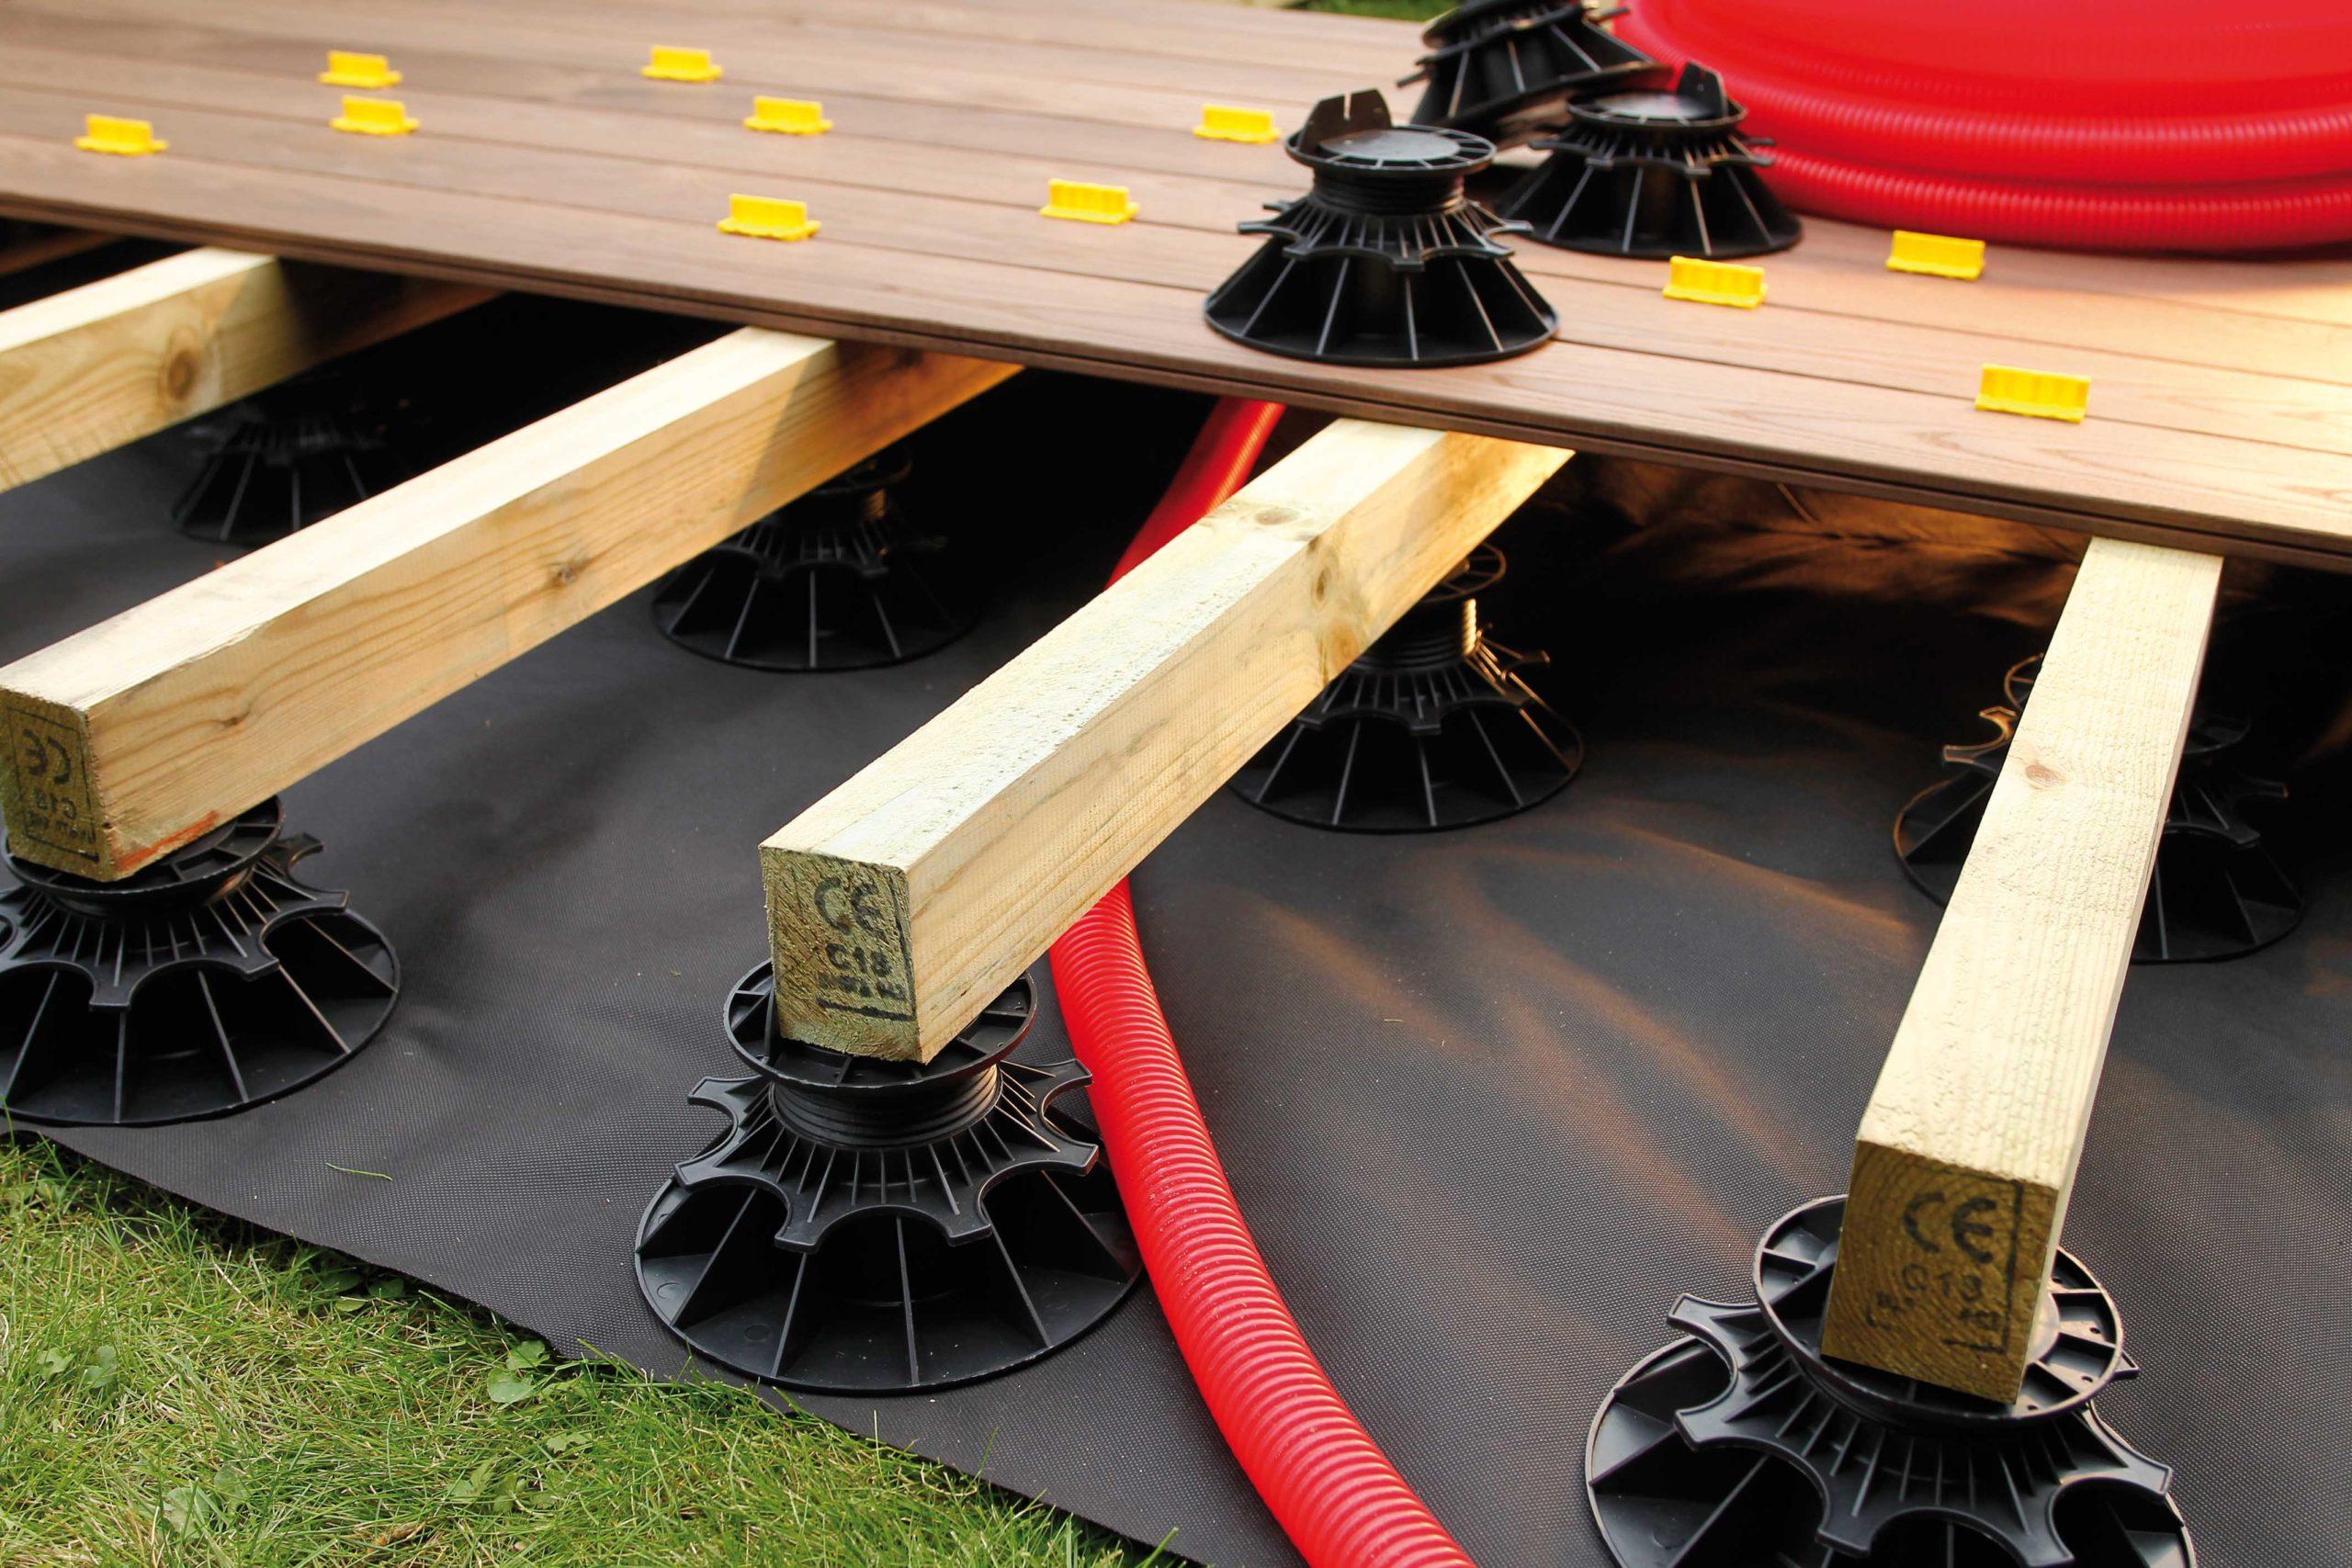 Le guide pour installer votre terrasse bois sur lambourdes